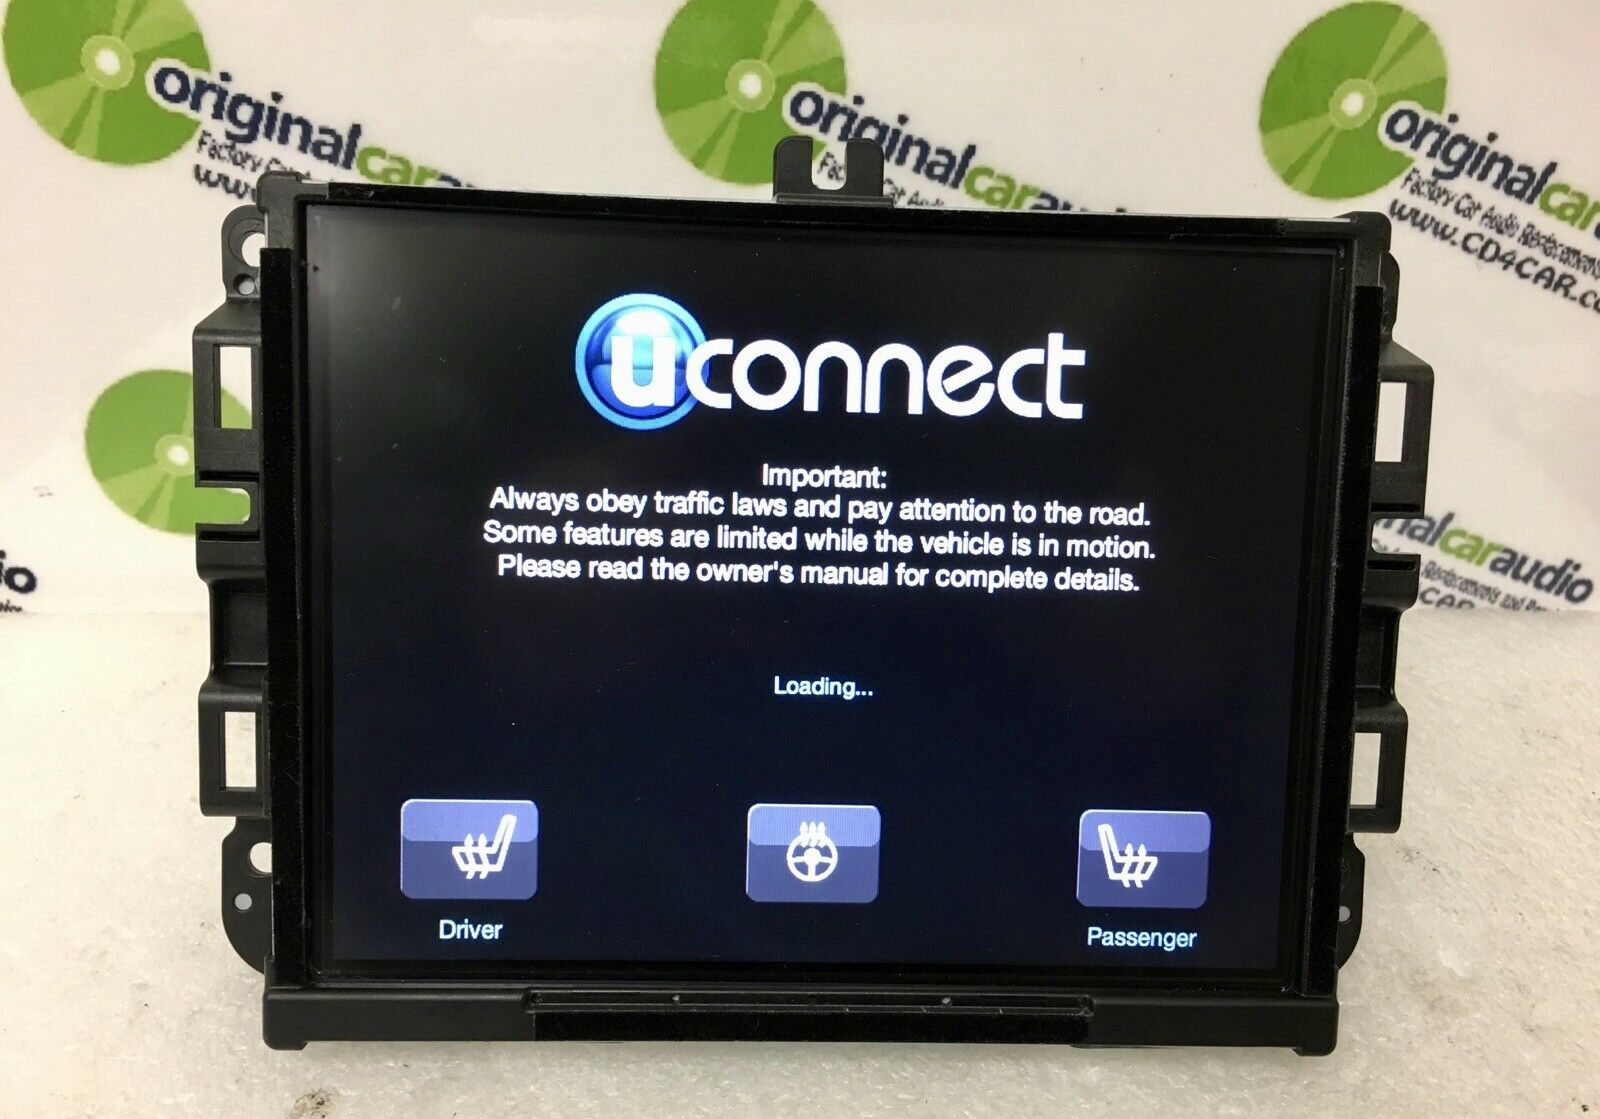 Uconnect compatible! =>